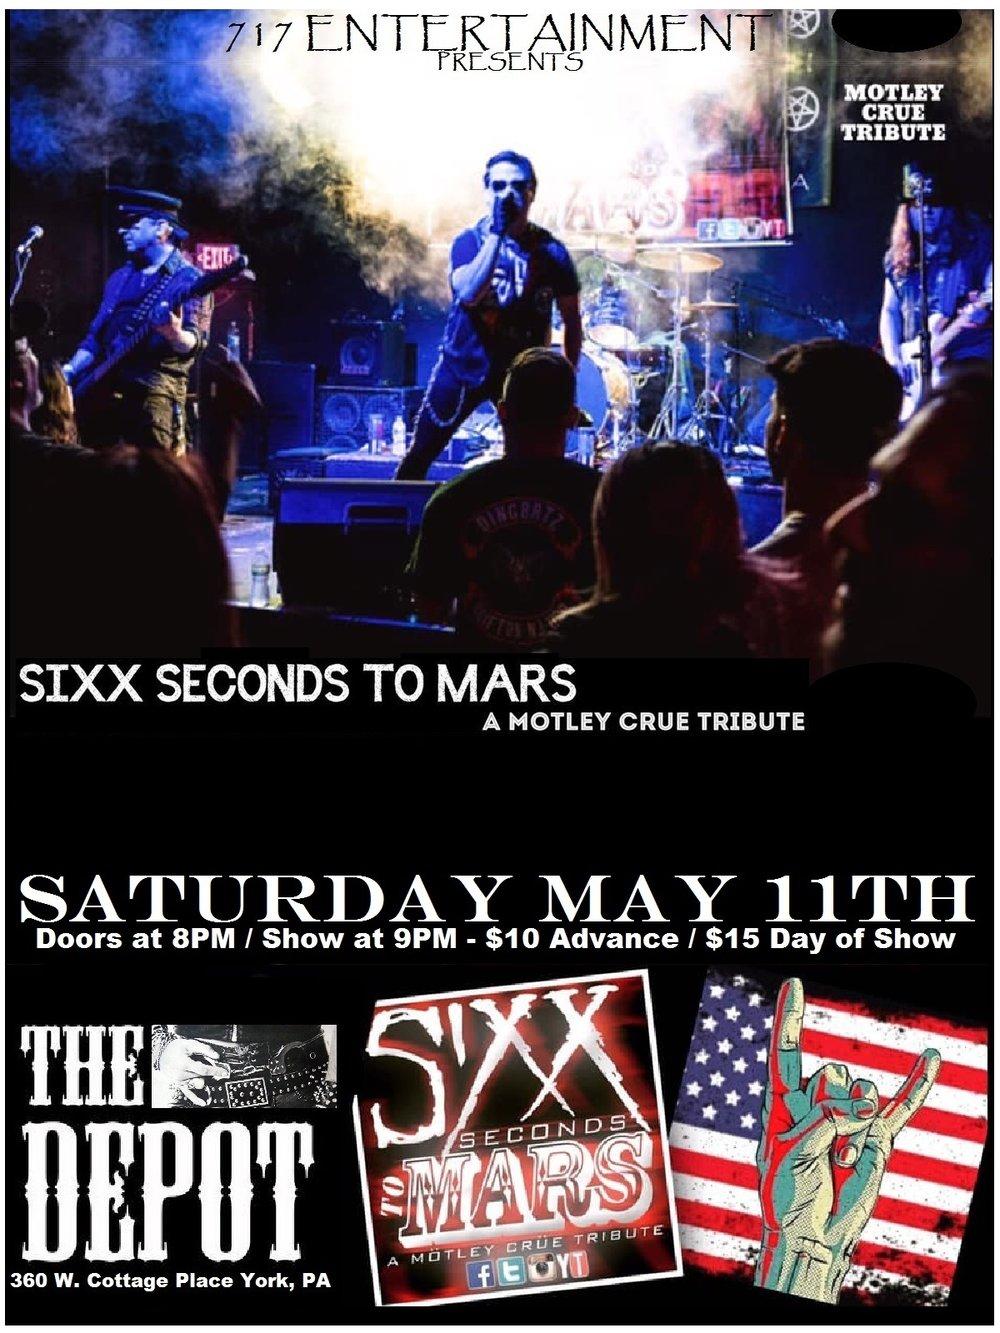 sixx seconds Official.jpg